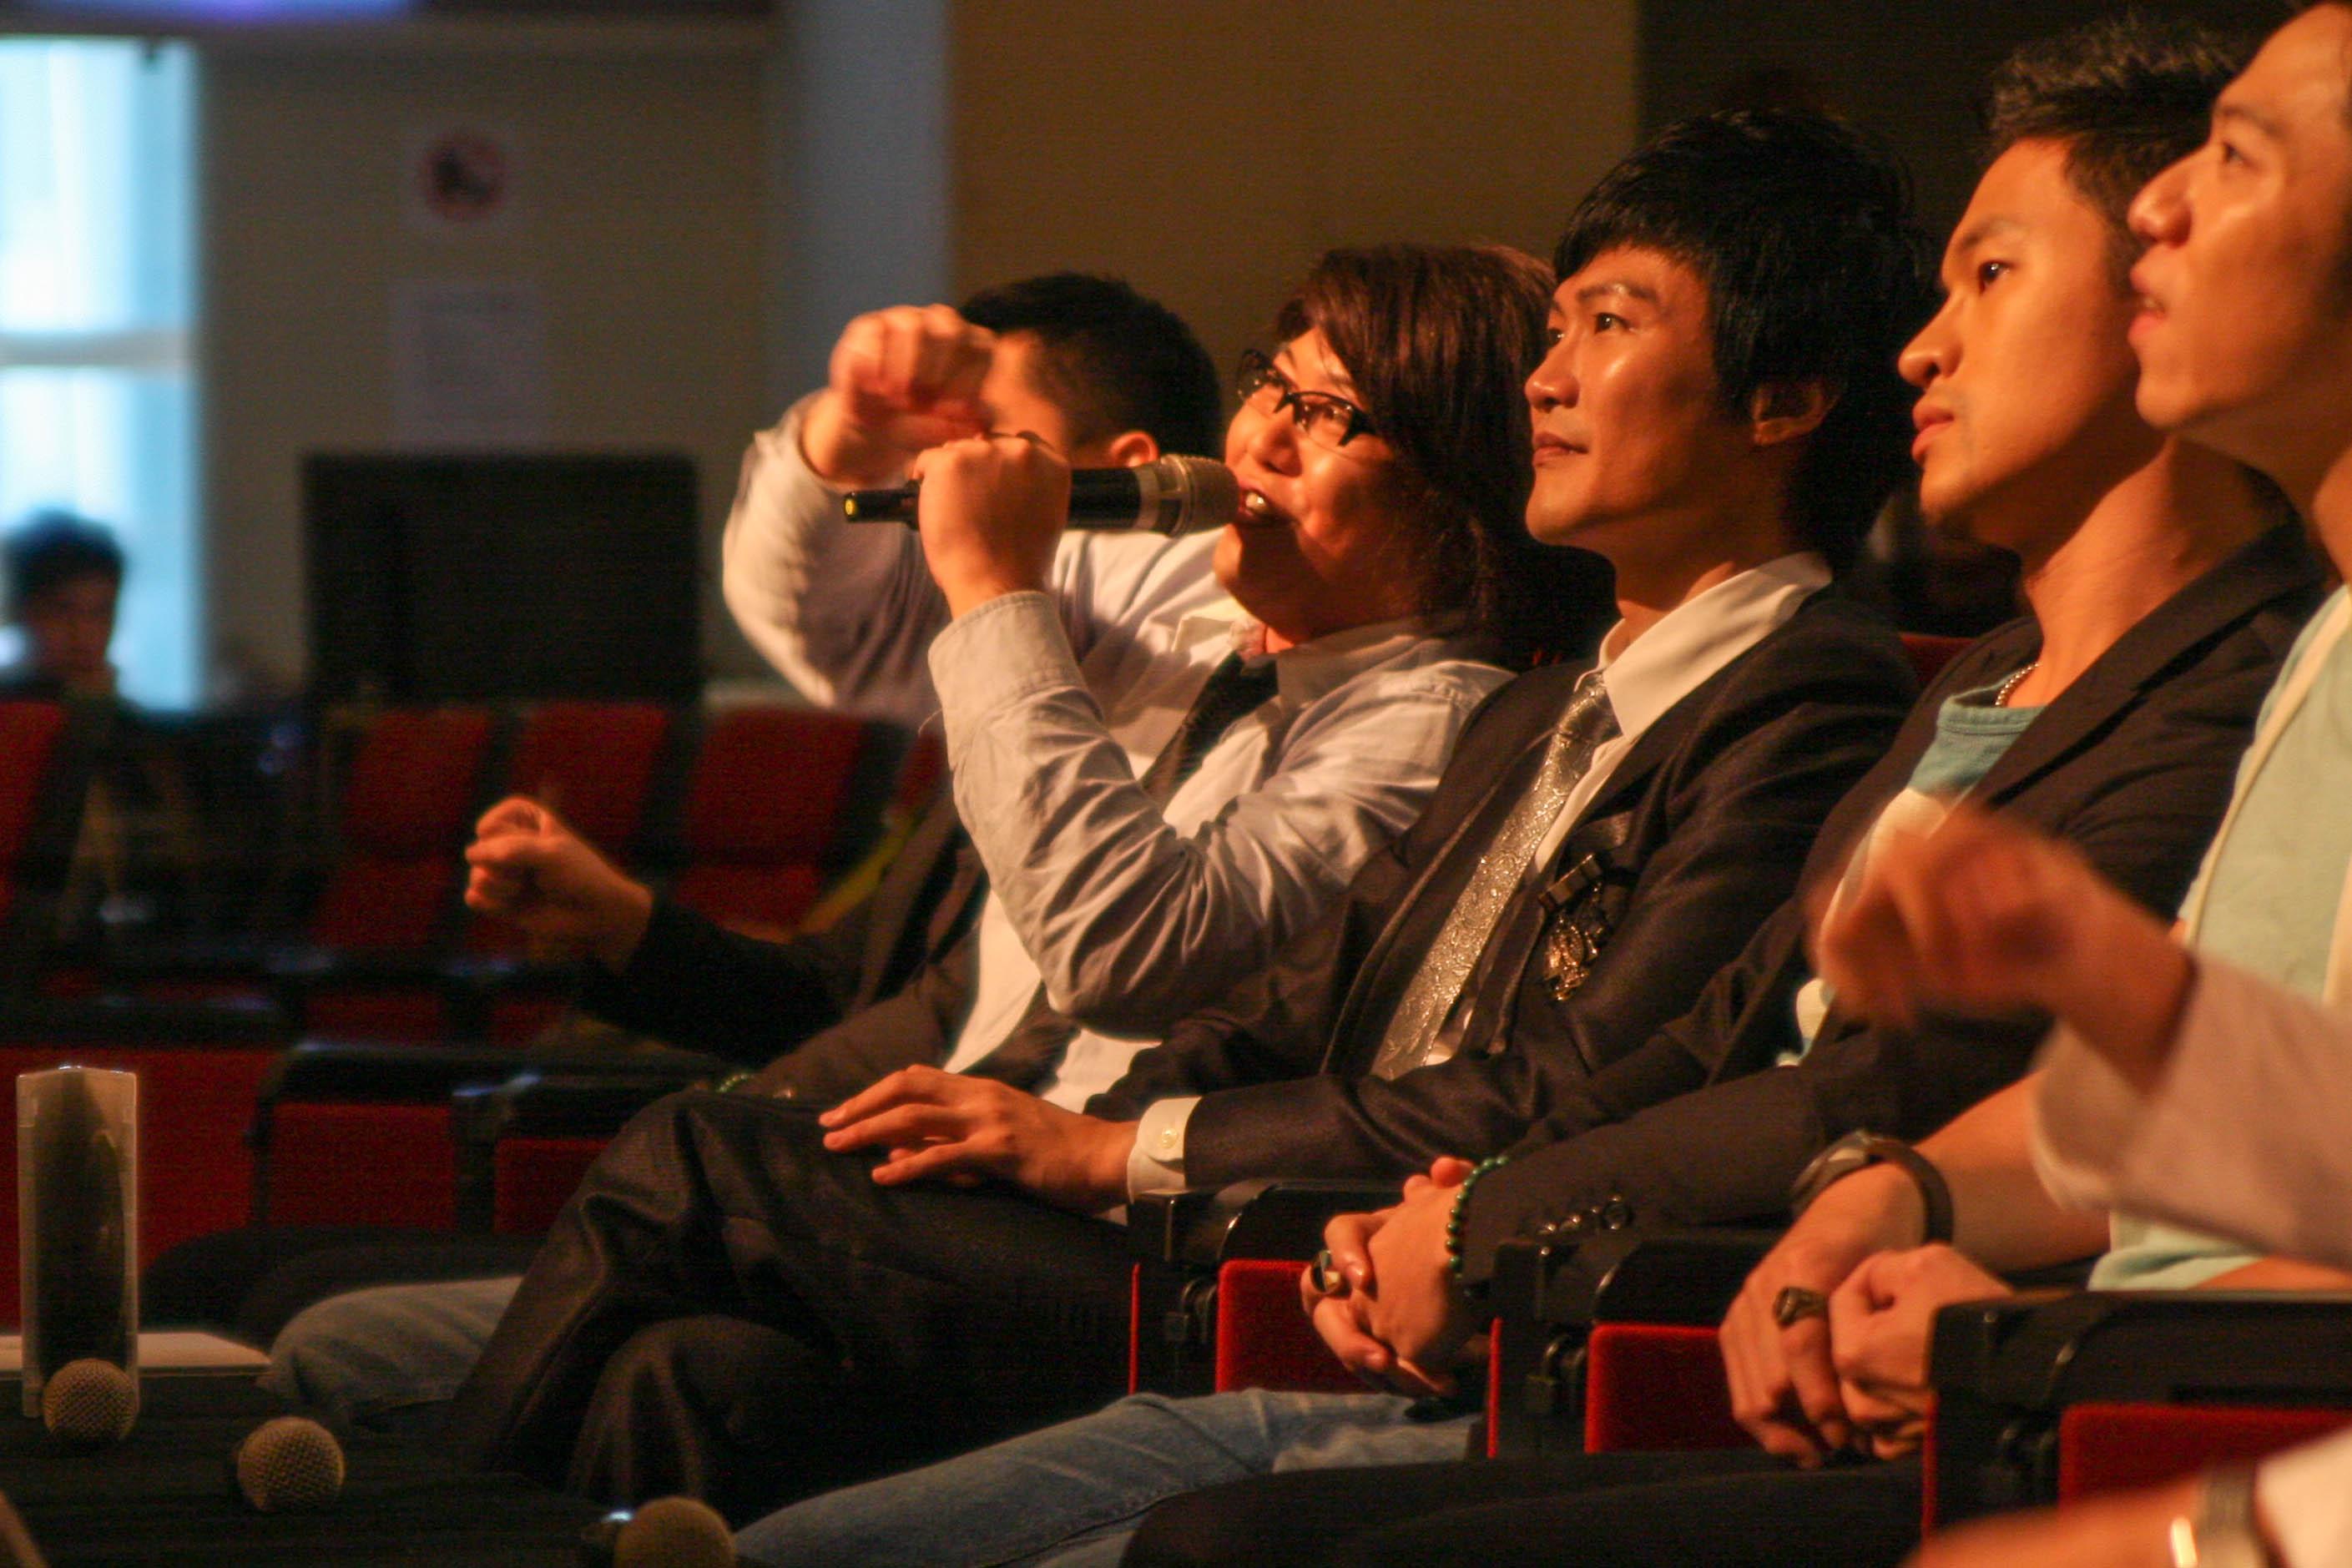 超級模王大道六強更是擔任KUSO評審團,添增不少笑果